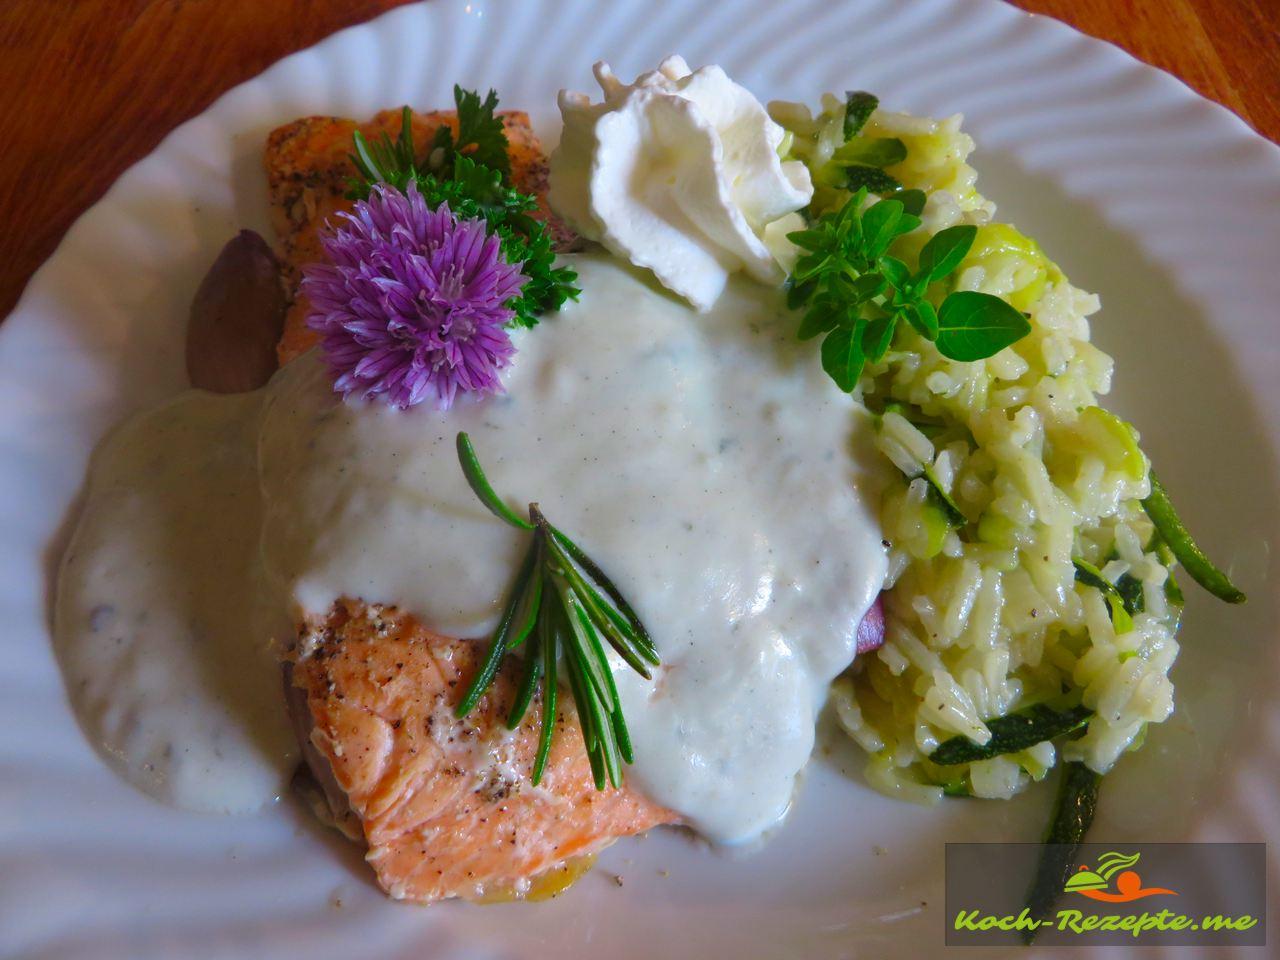 Lachspäckchen mit Reis Risotto-Zucchini